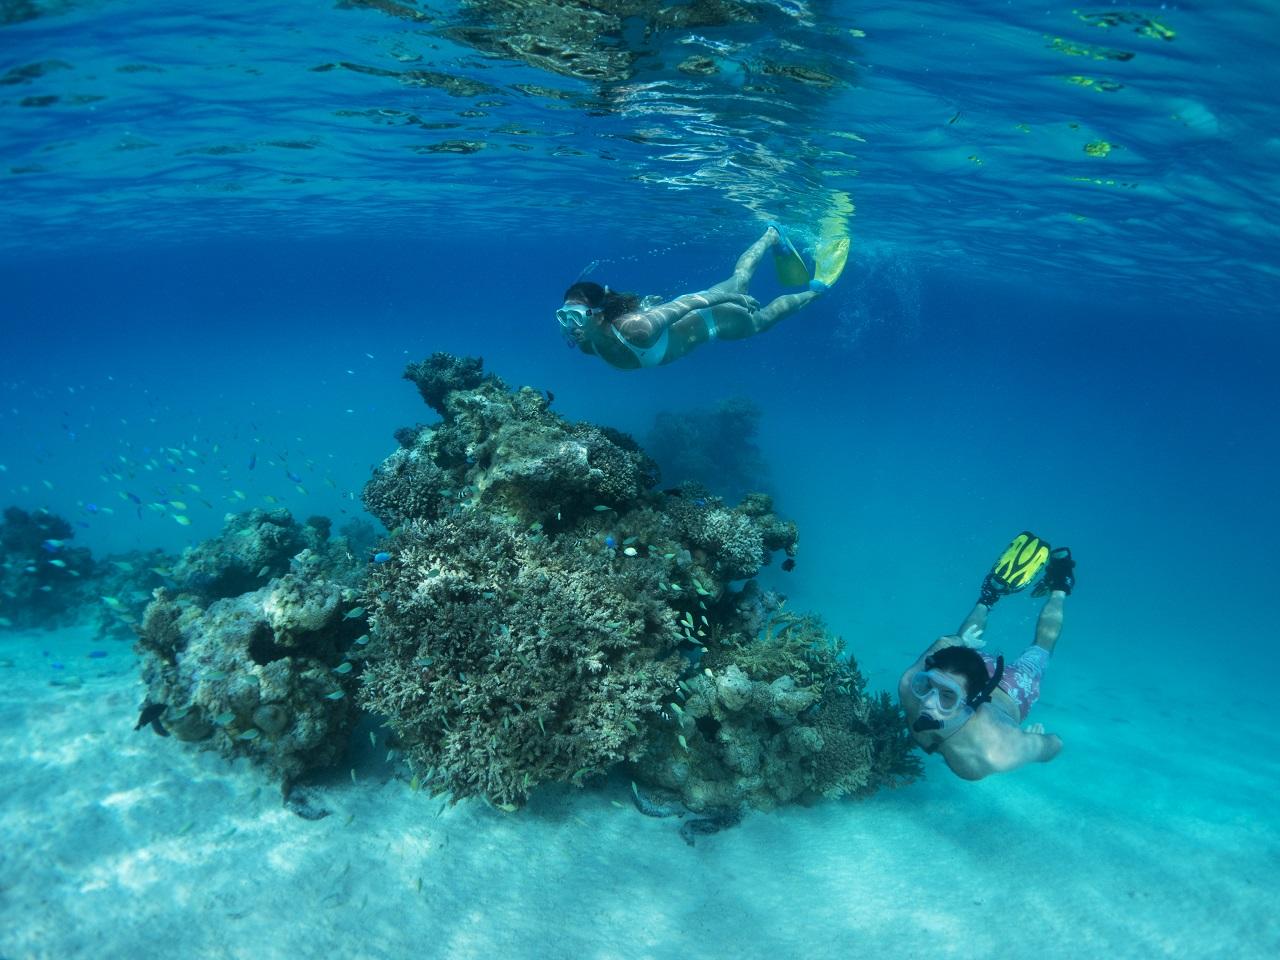 Cookøyene vil bli verdens grønneste reisemål, og har etablert en av verdens største marin parker